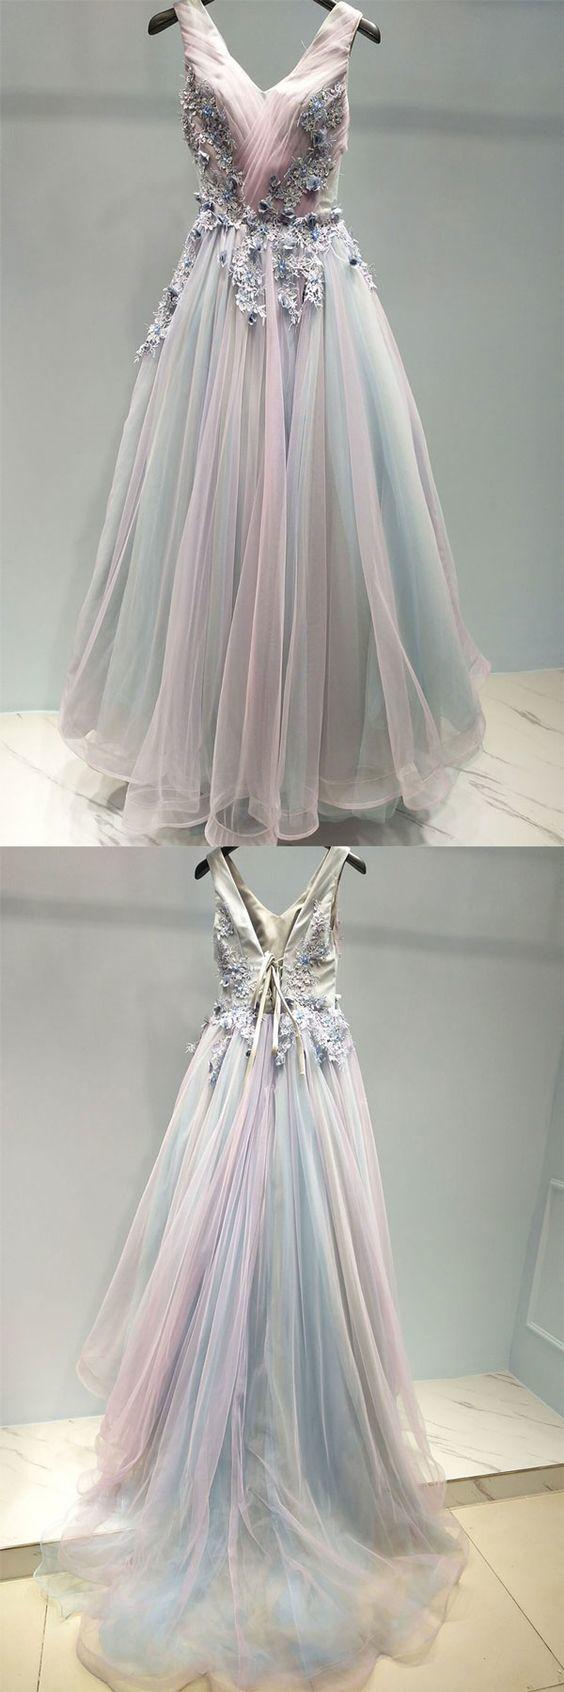 Unique v neck tulle lace applique long prom dress BD2144